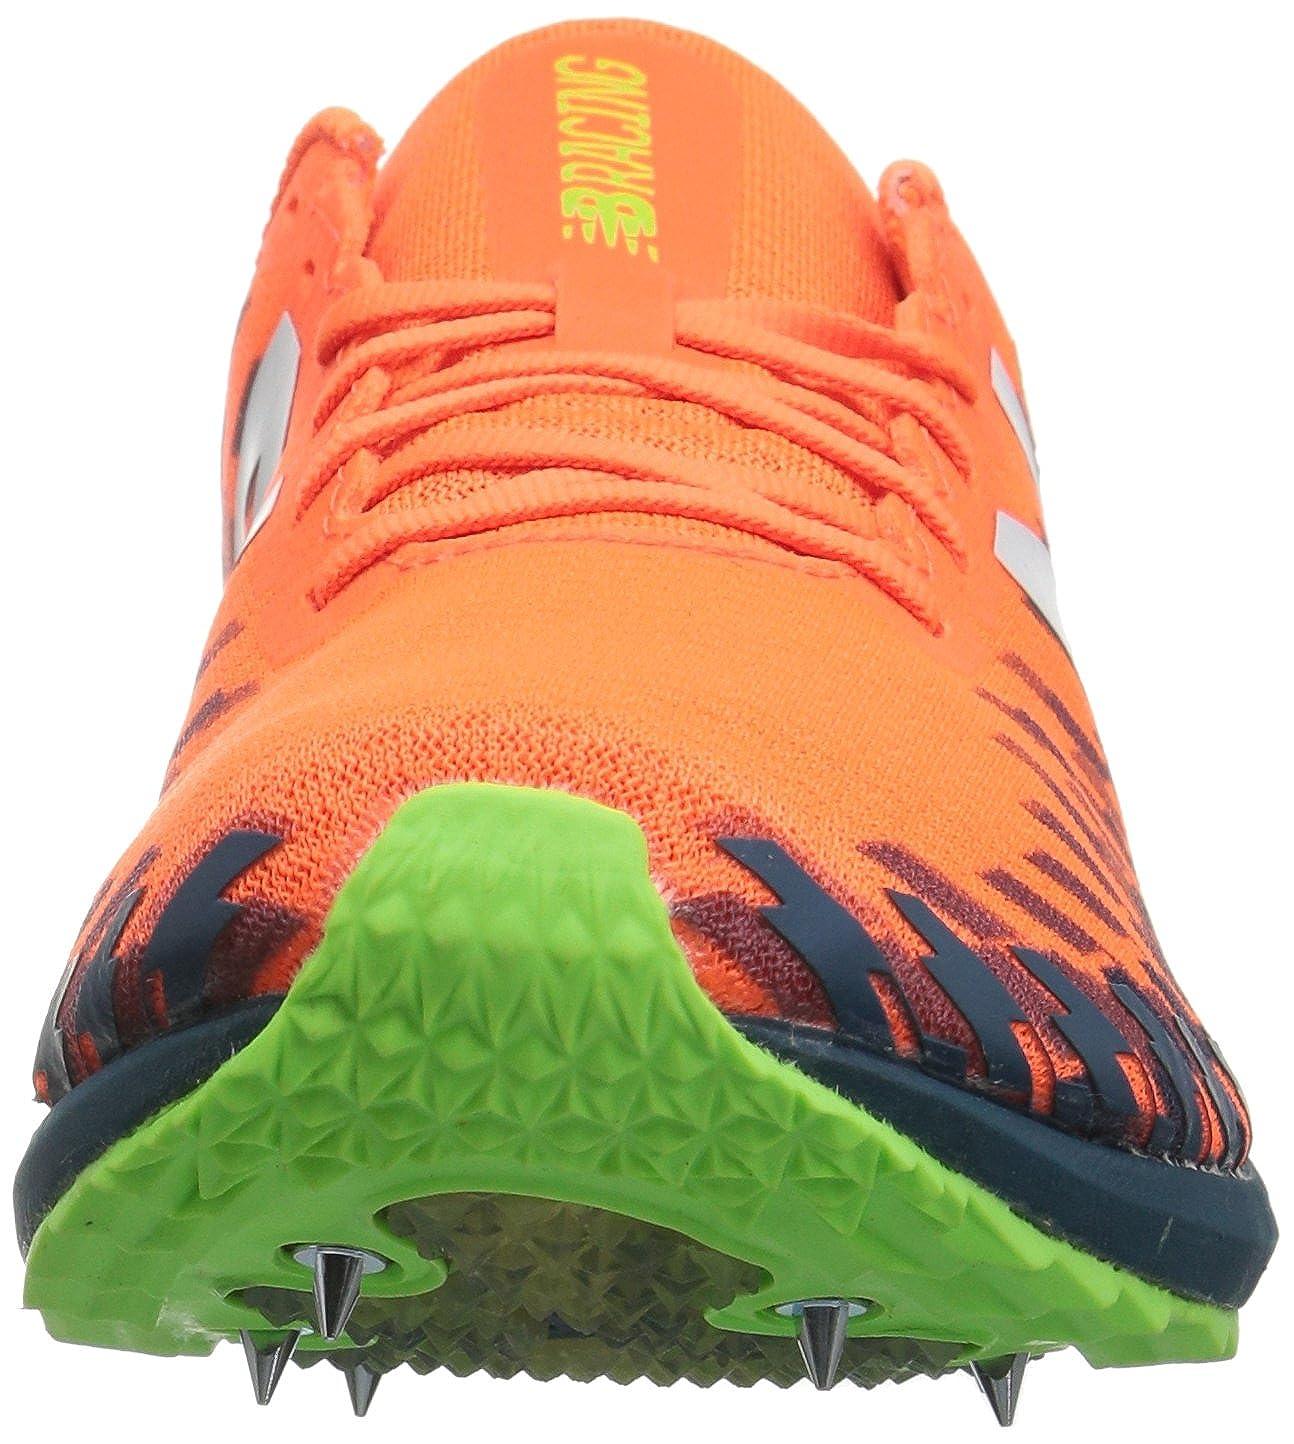 New Balance MXCS700v5 Cross Country zapatillas de running